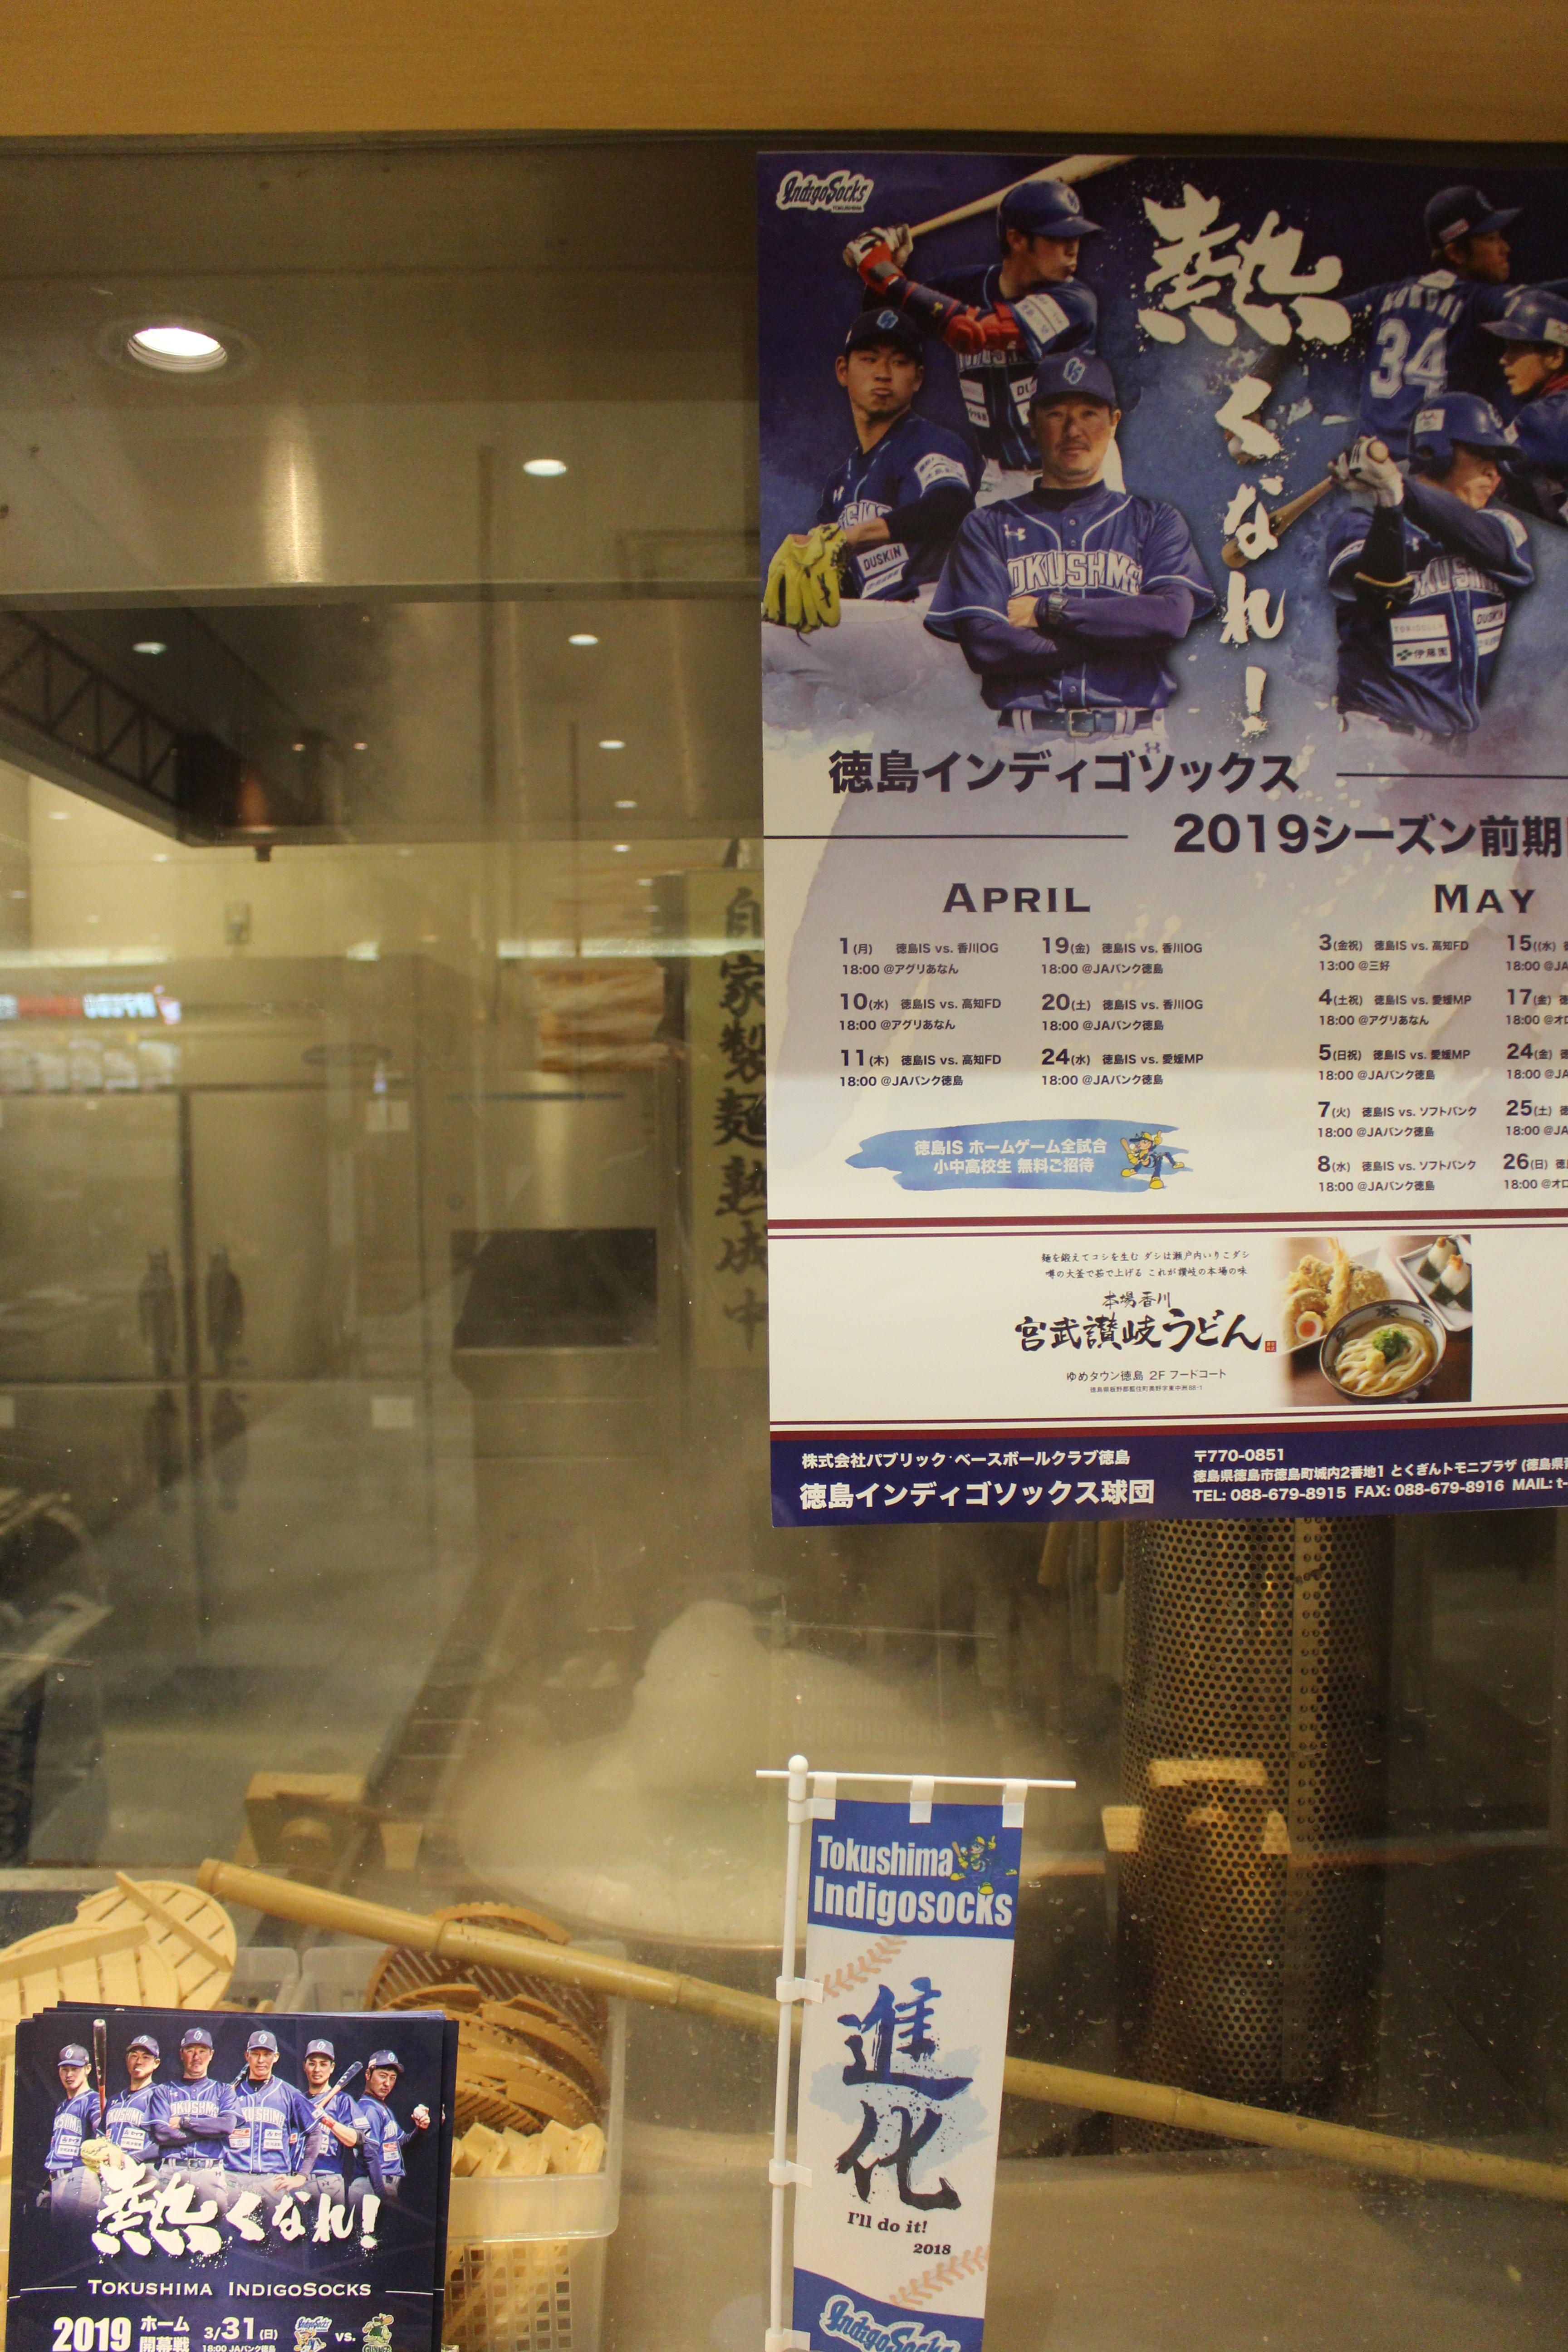 「宮武讃岐うどん・ゆめタウン徳島店」には徳島インディゴソックスのポスターも